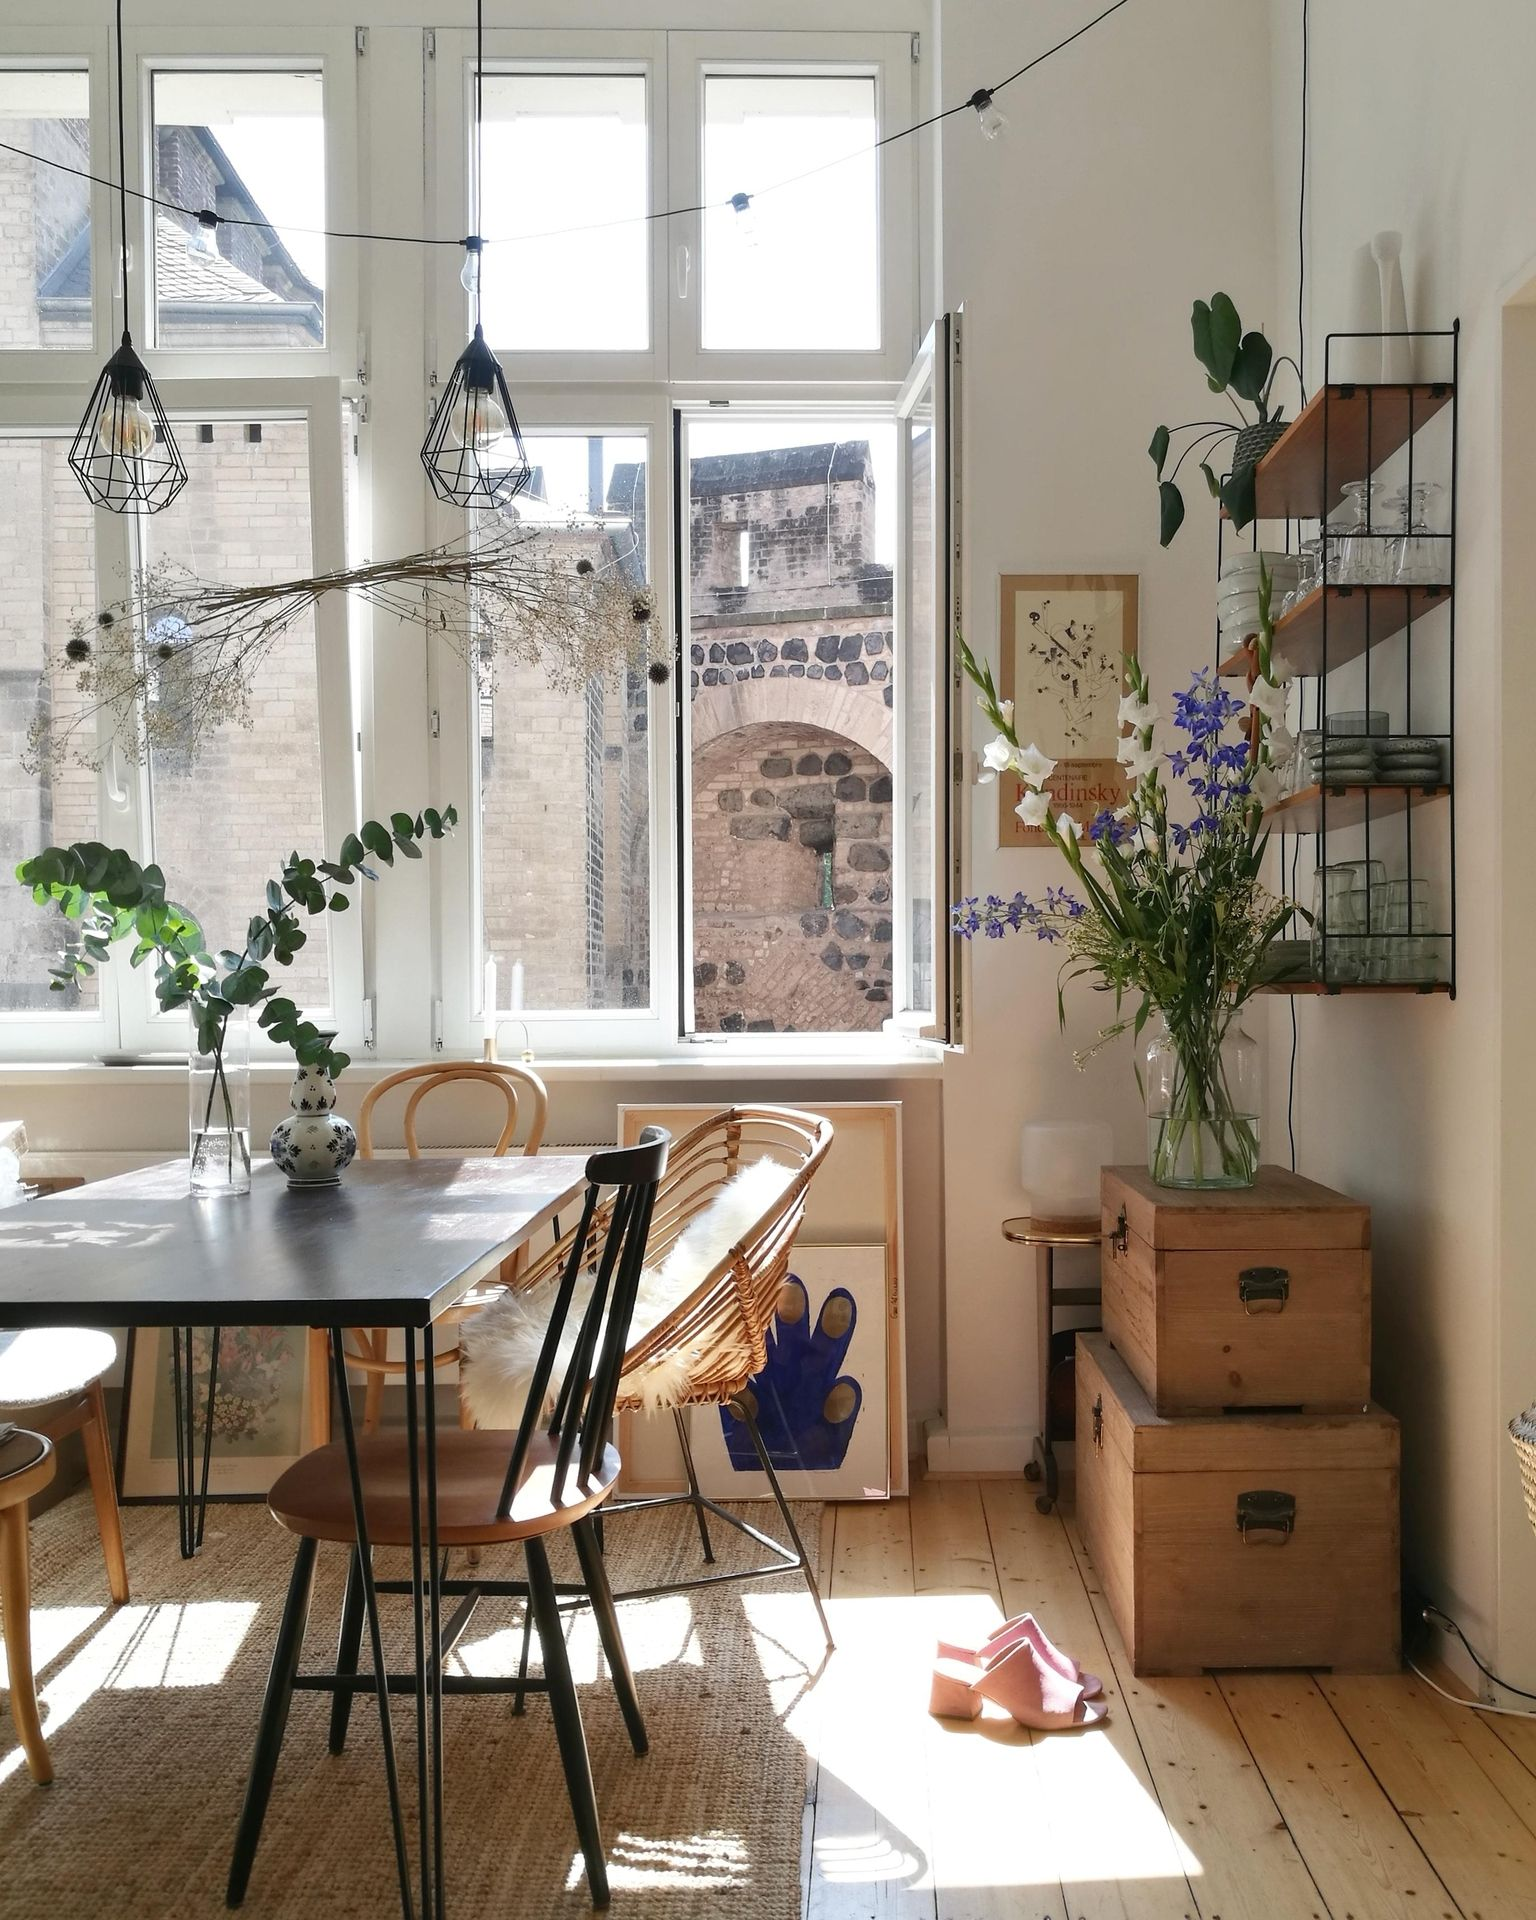 #küche #esszimmer #sonne #altbau #einrichtenundwohnen